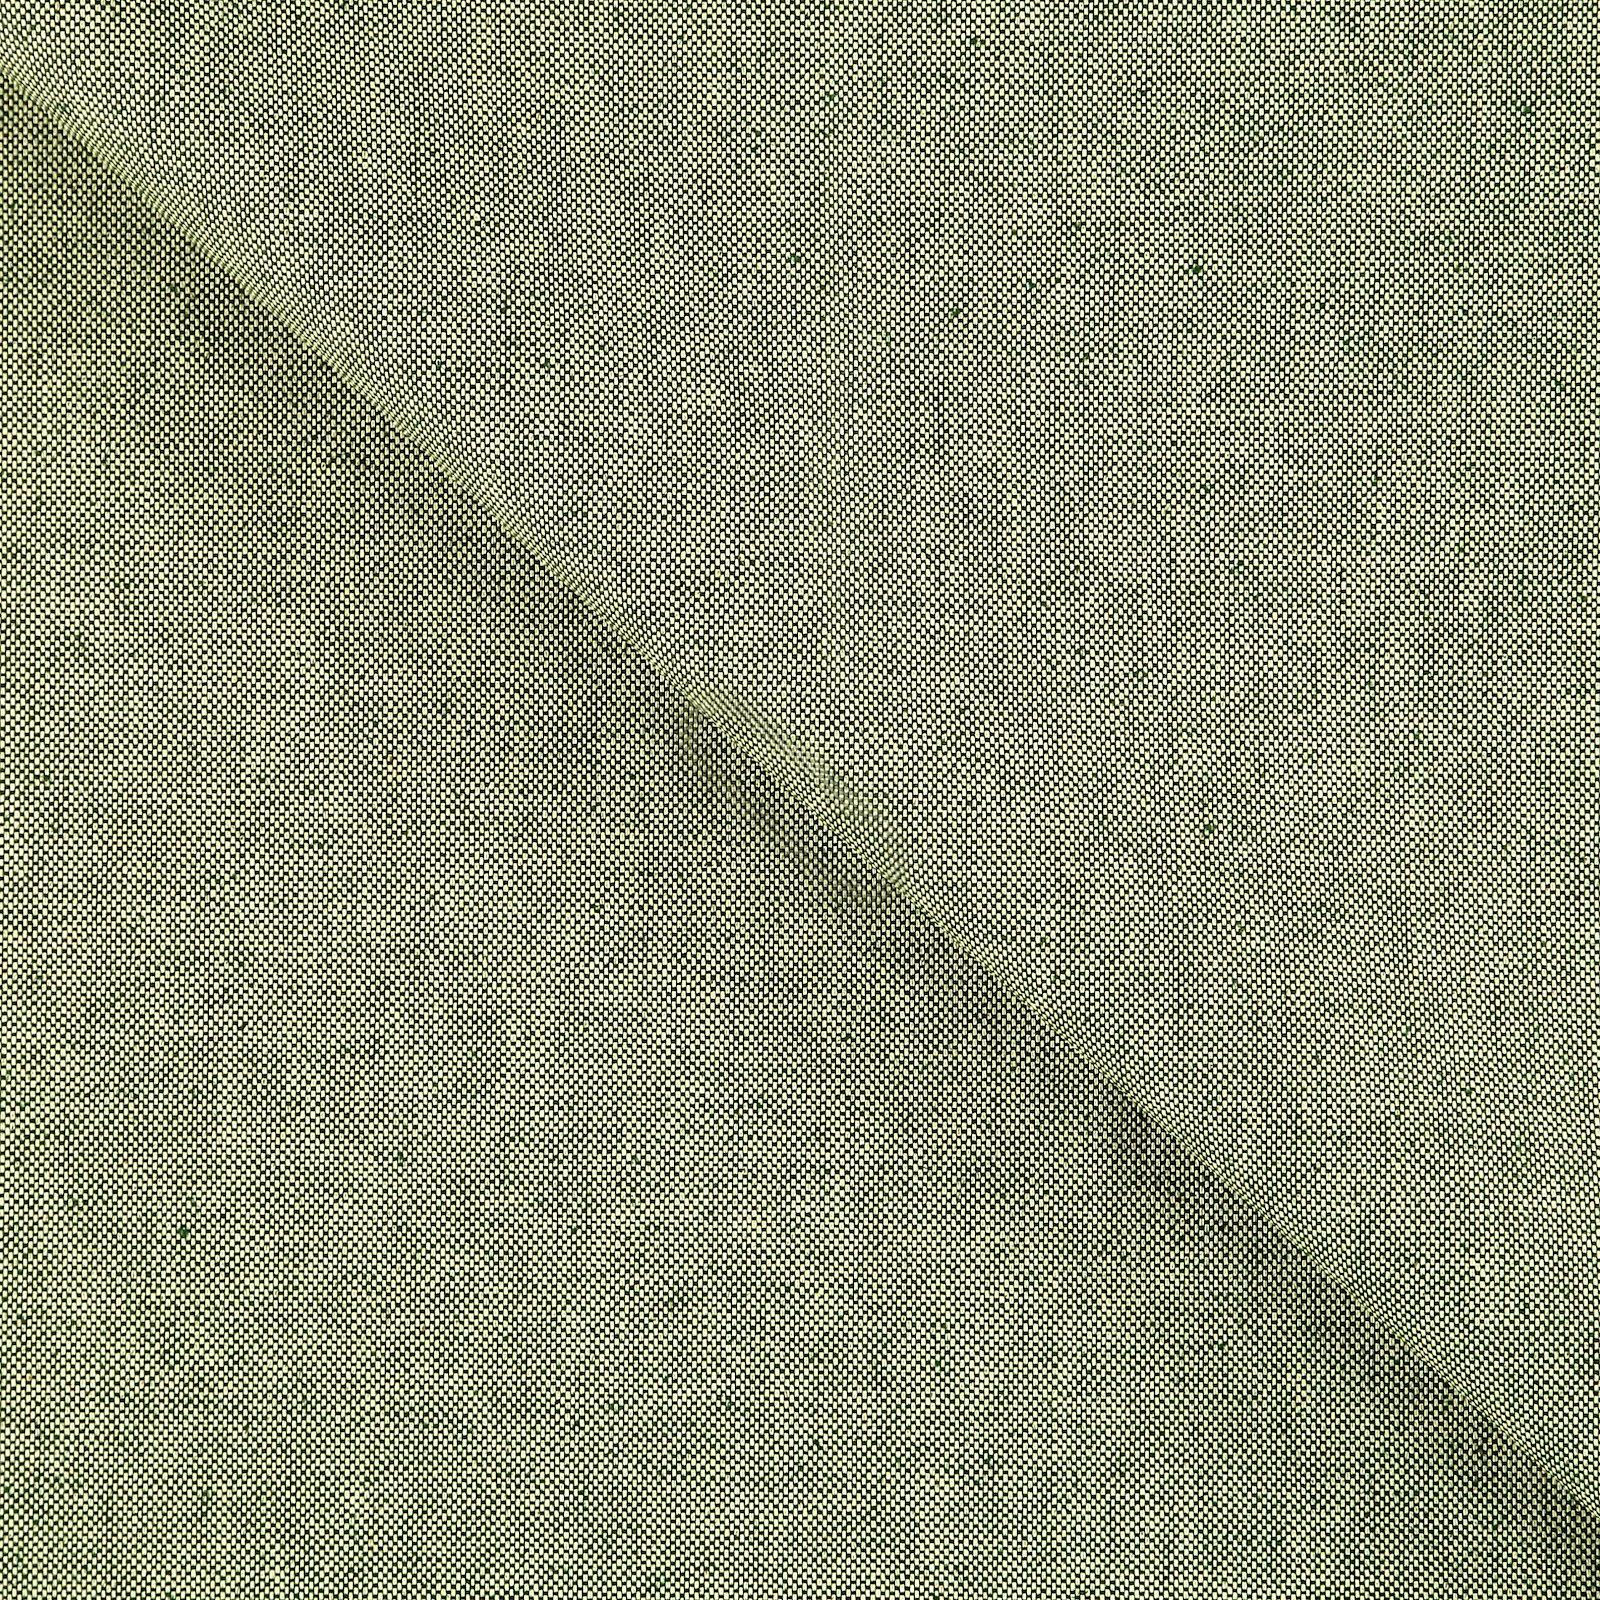 Woven oilcloth linen look/bottle green 872303_pack